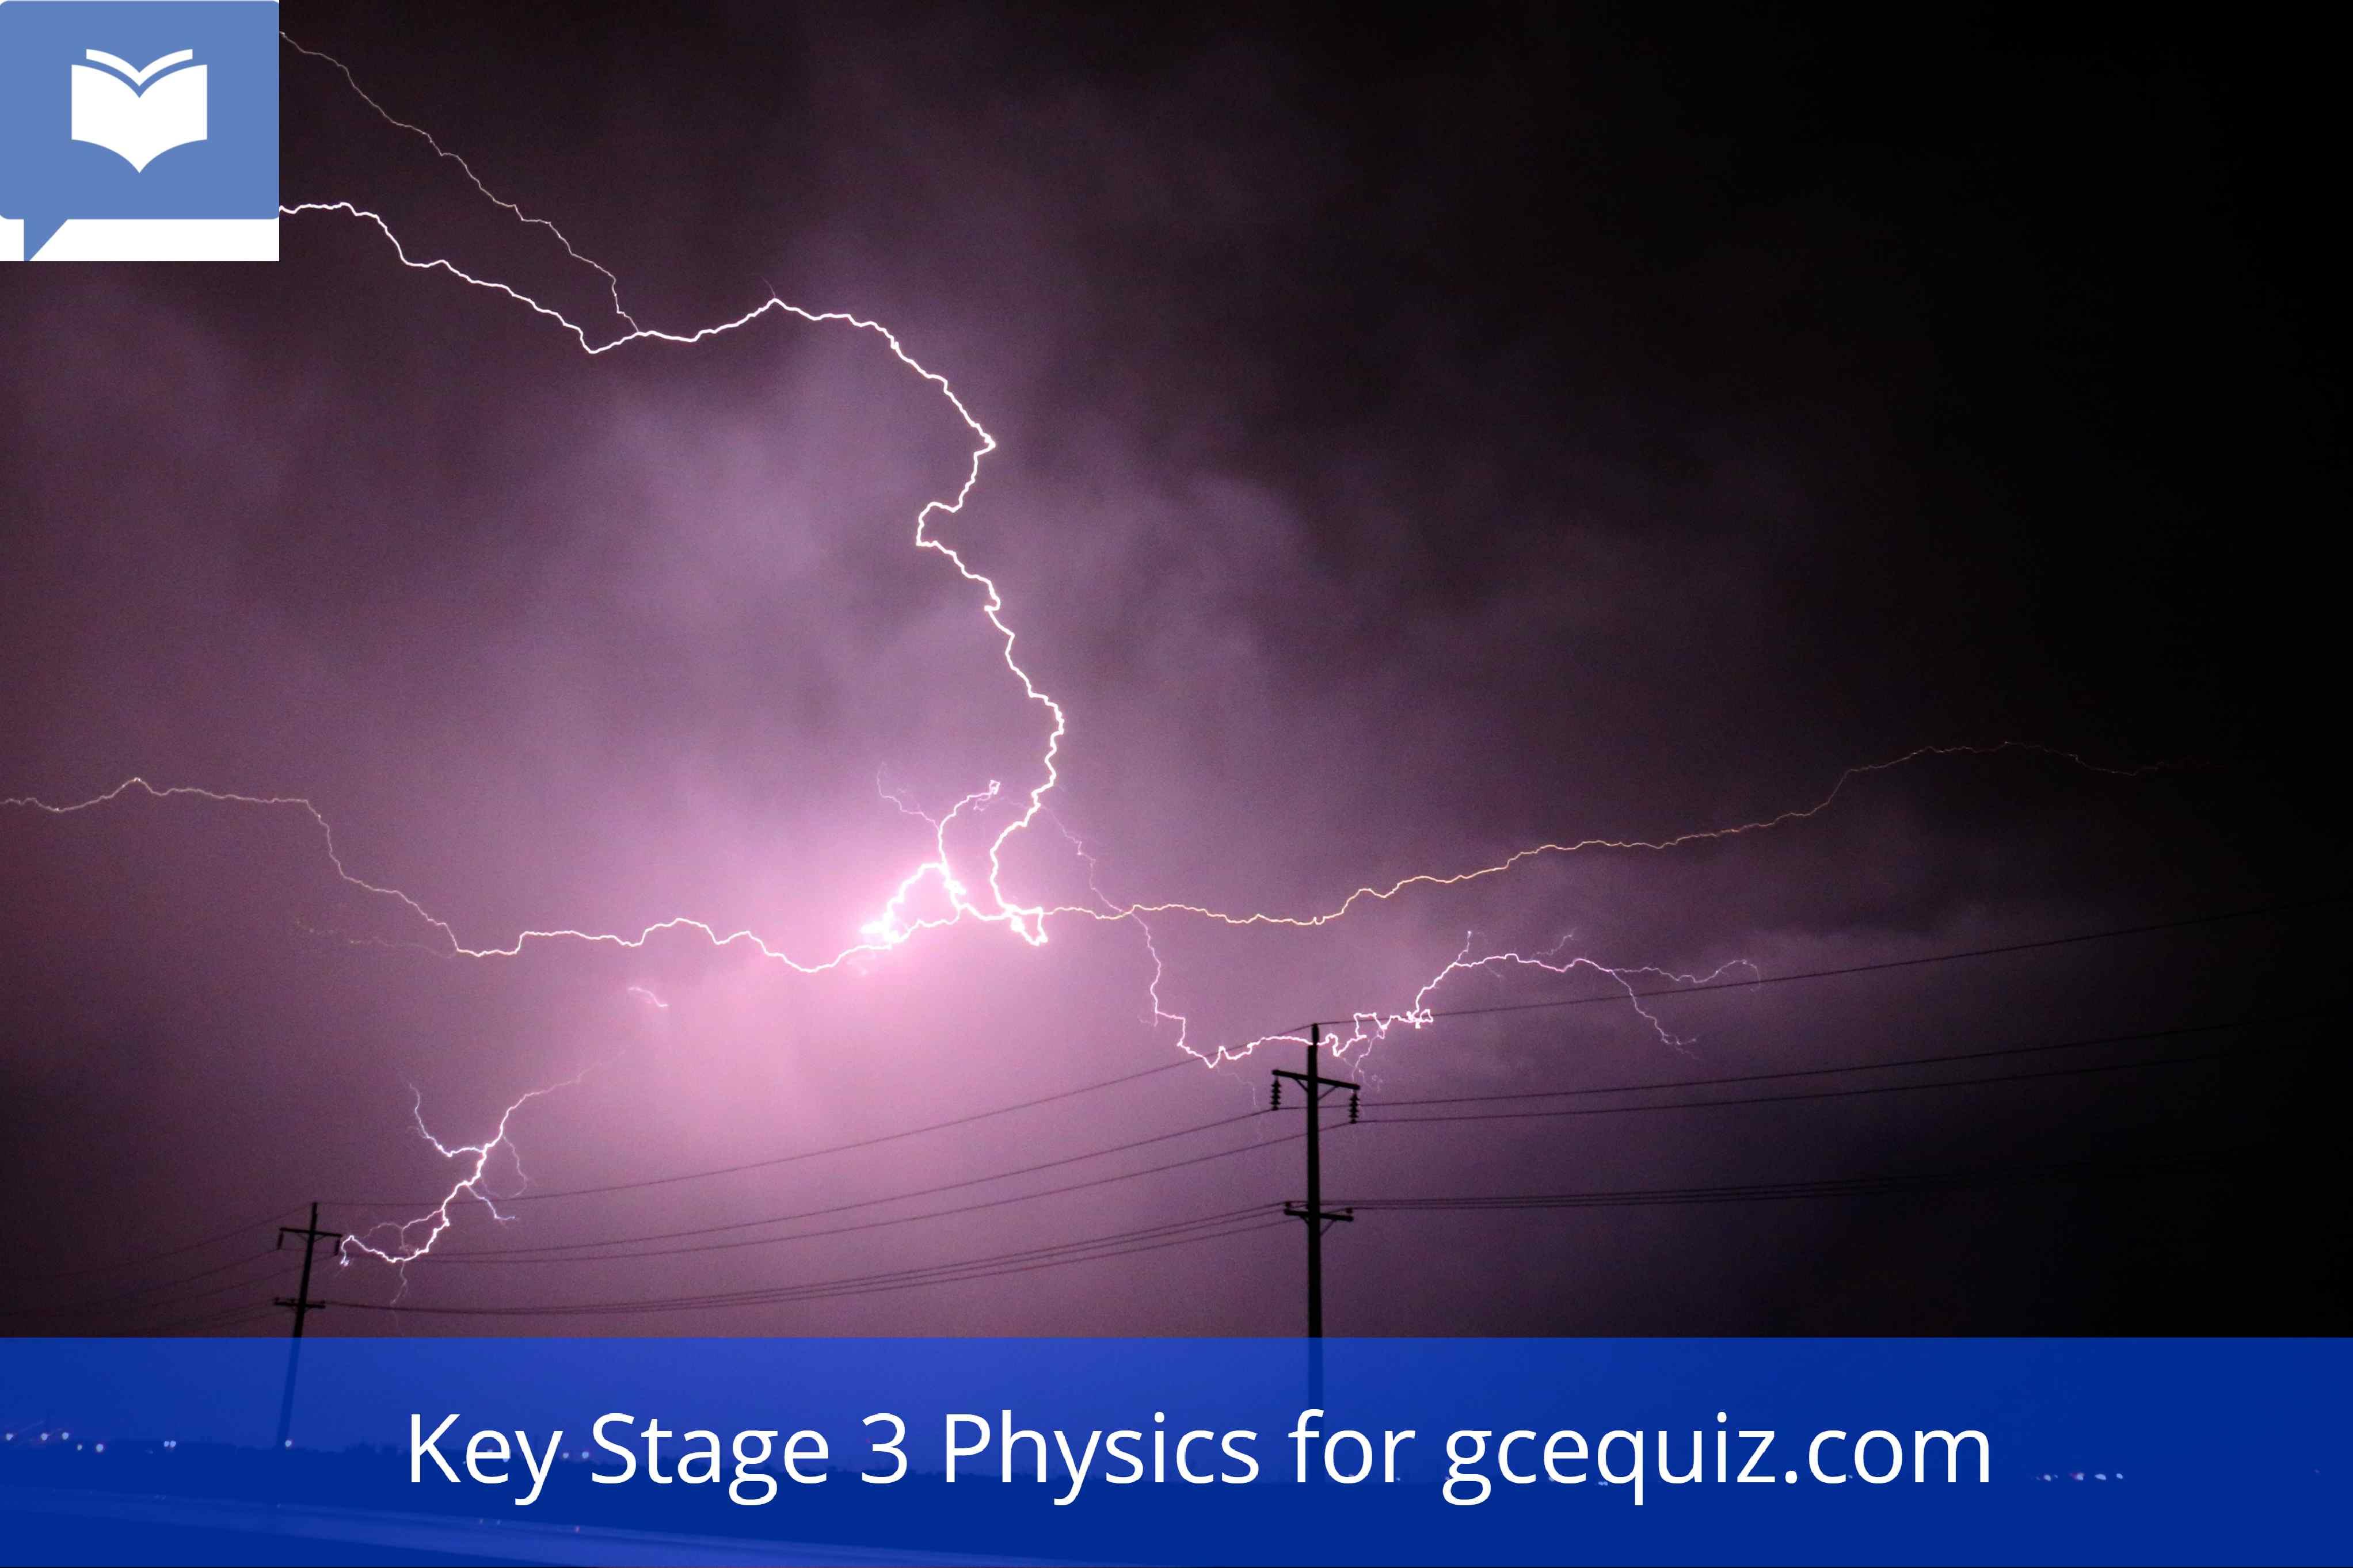 KS3 physics quiz